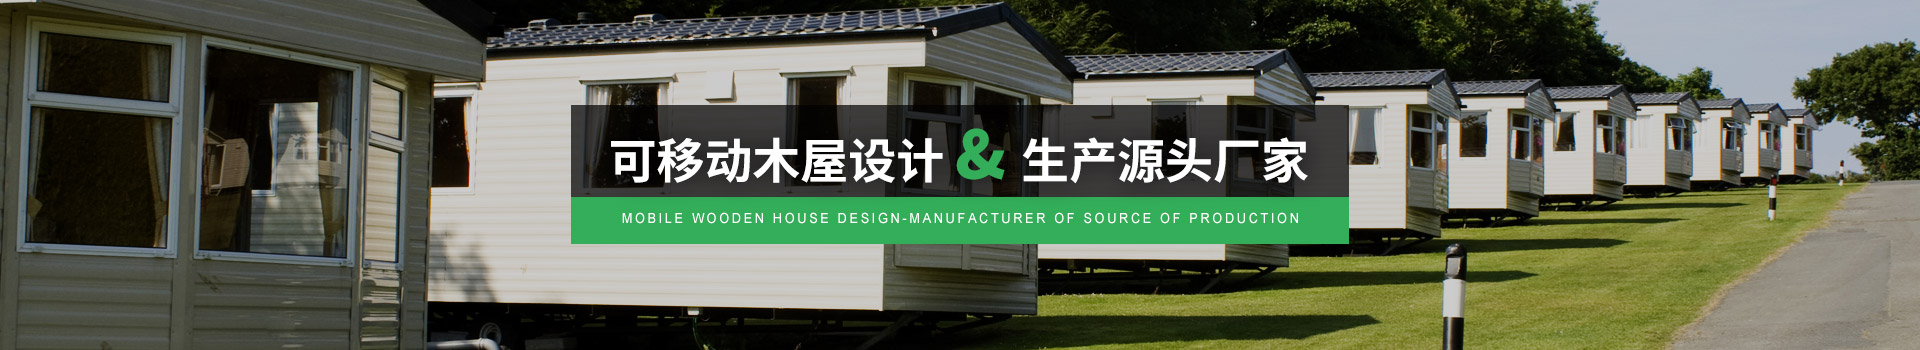 凤凰栖可移动木屋设计&生产源头厂家